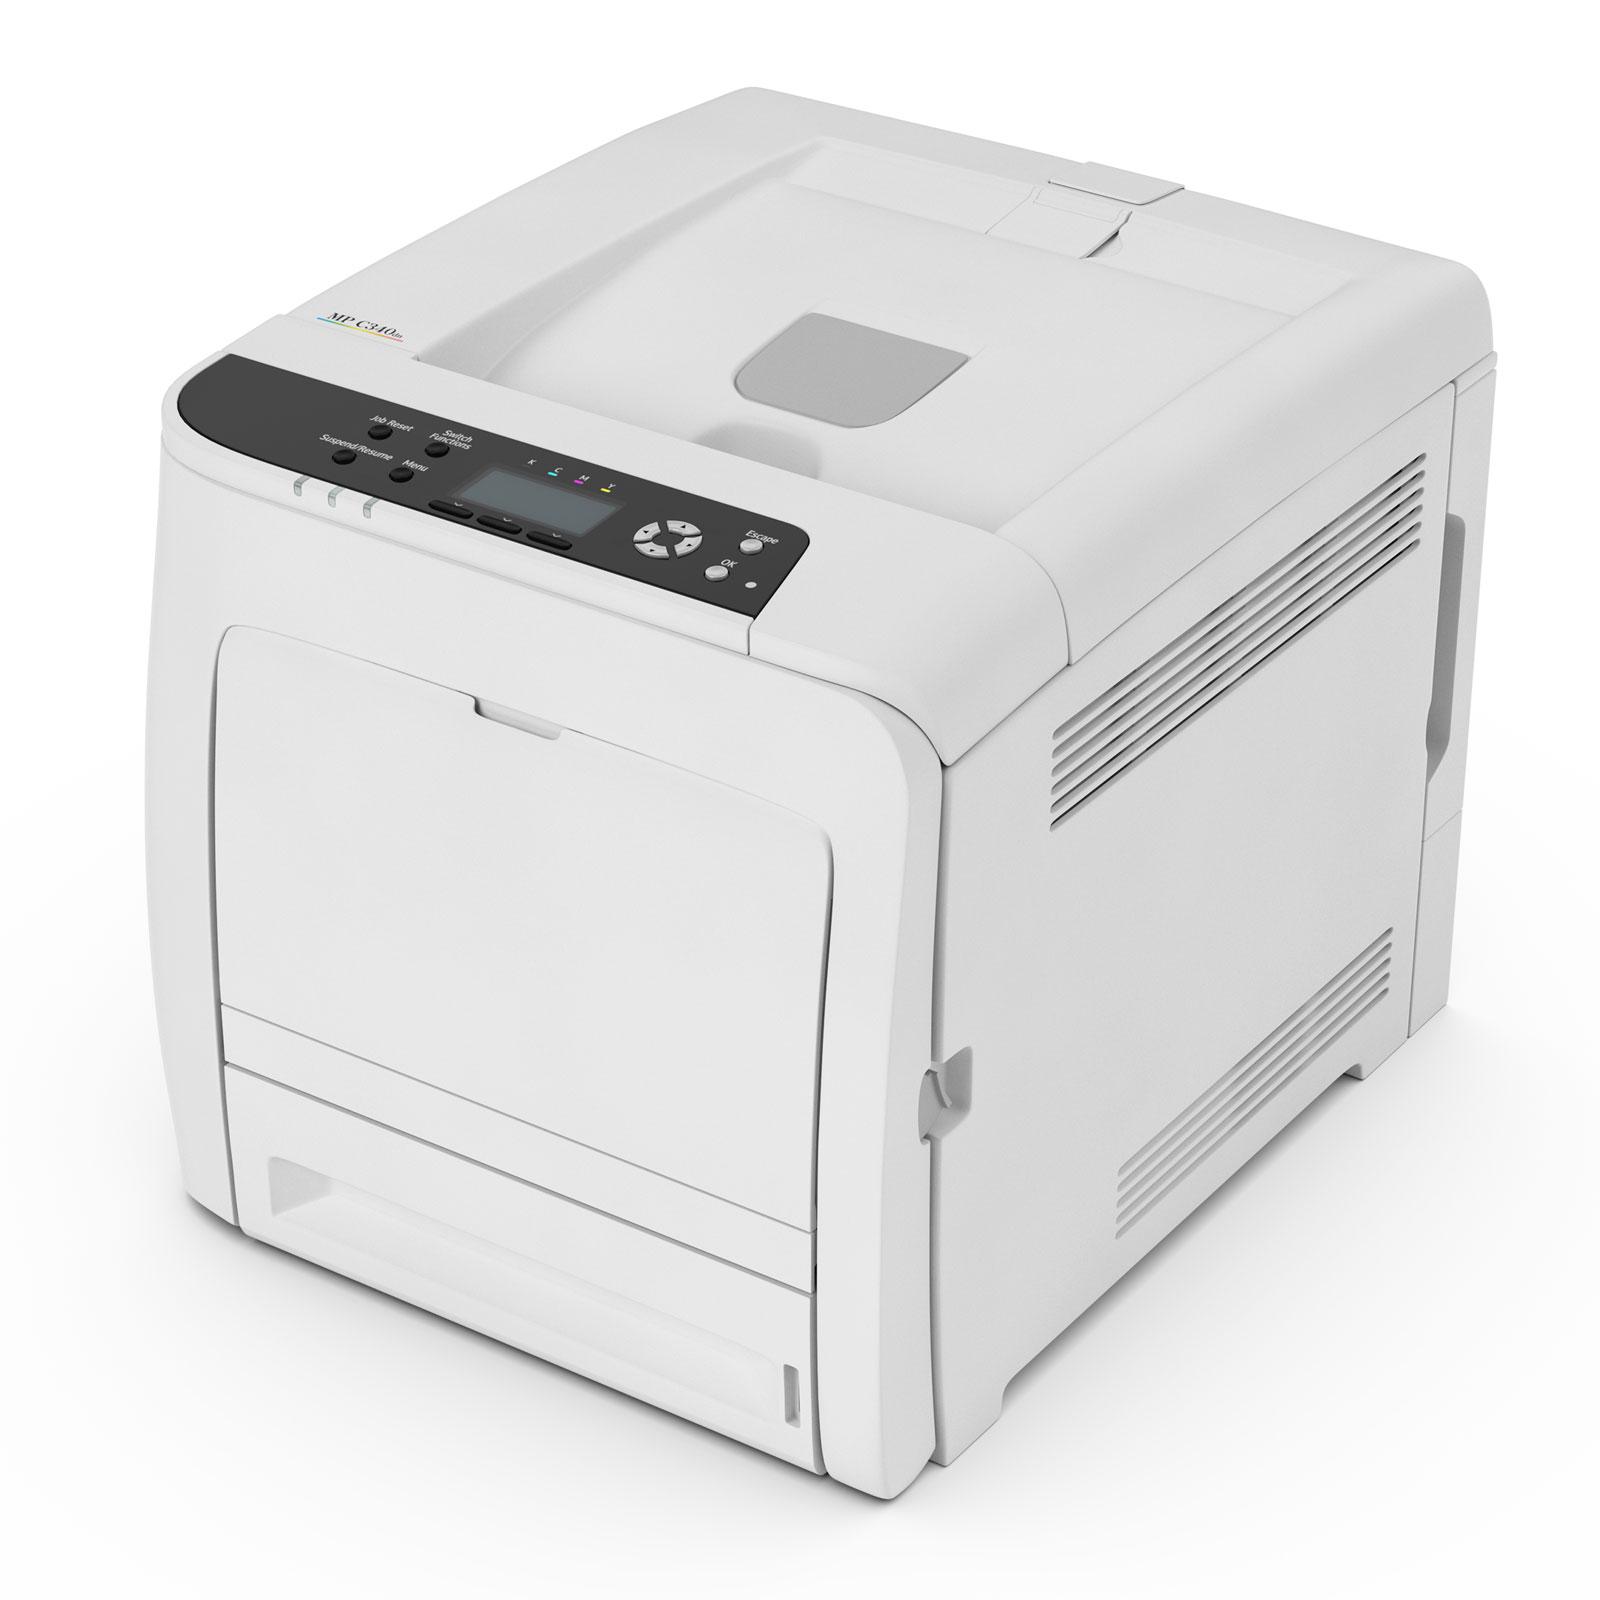 Ricoh Sp C340dn Imprimante Laser Ricoh Sur Ldlc Com